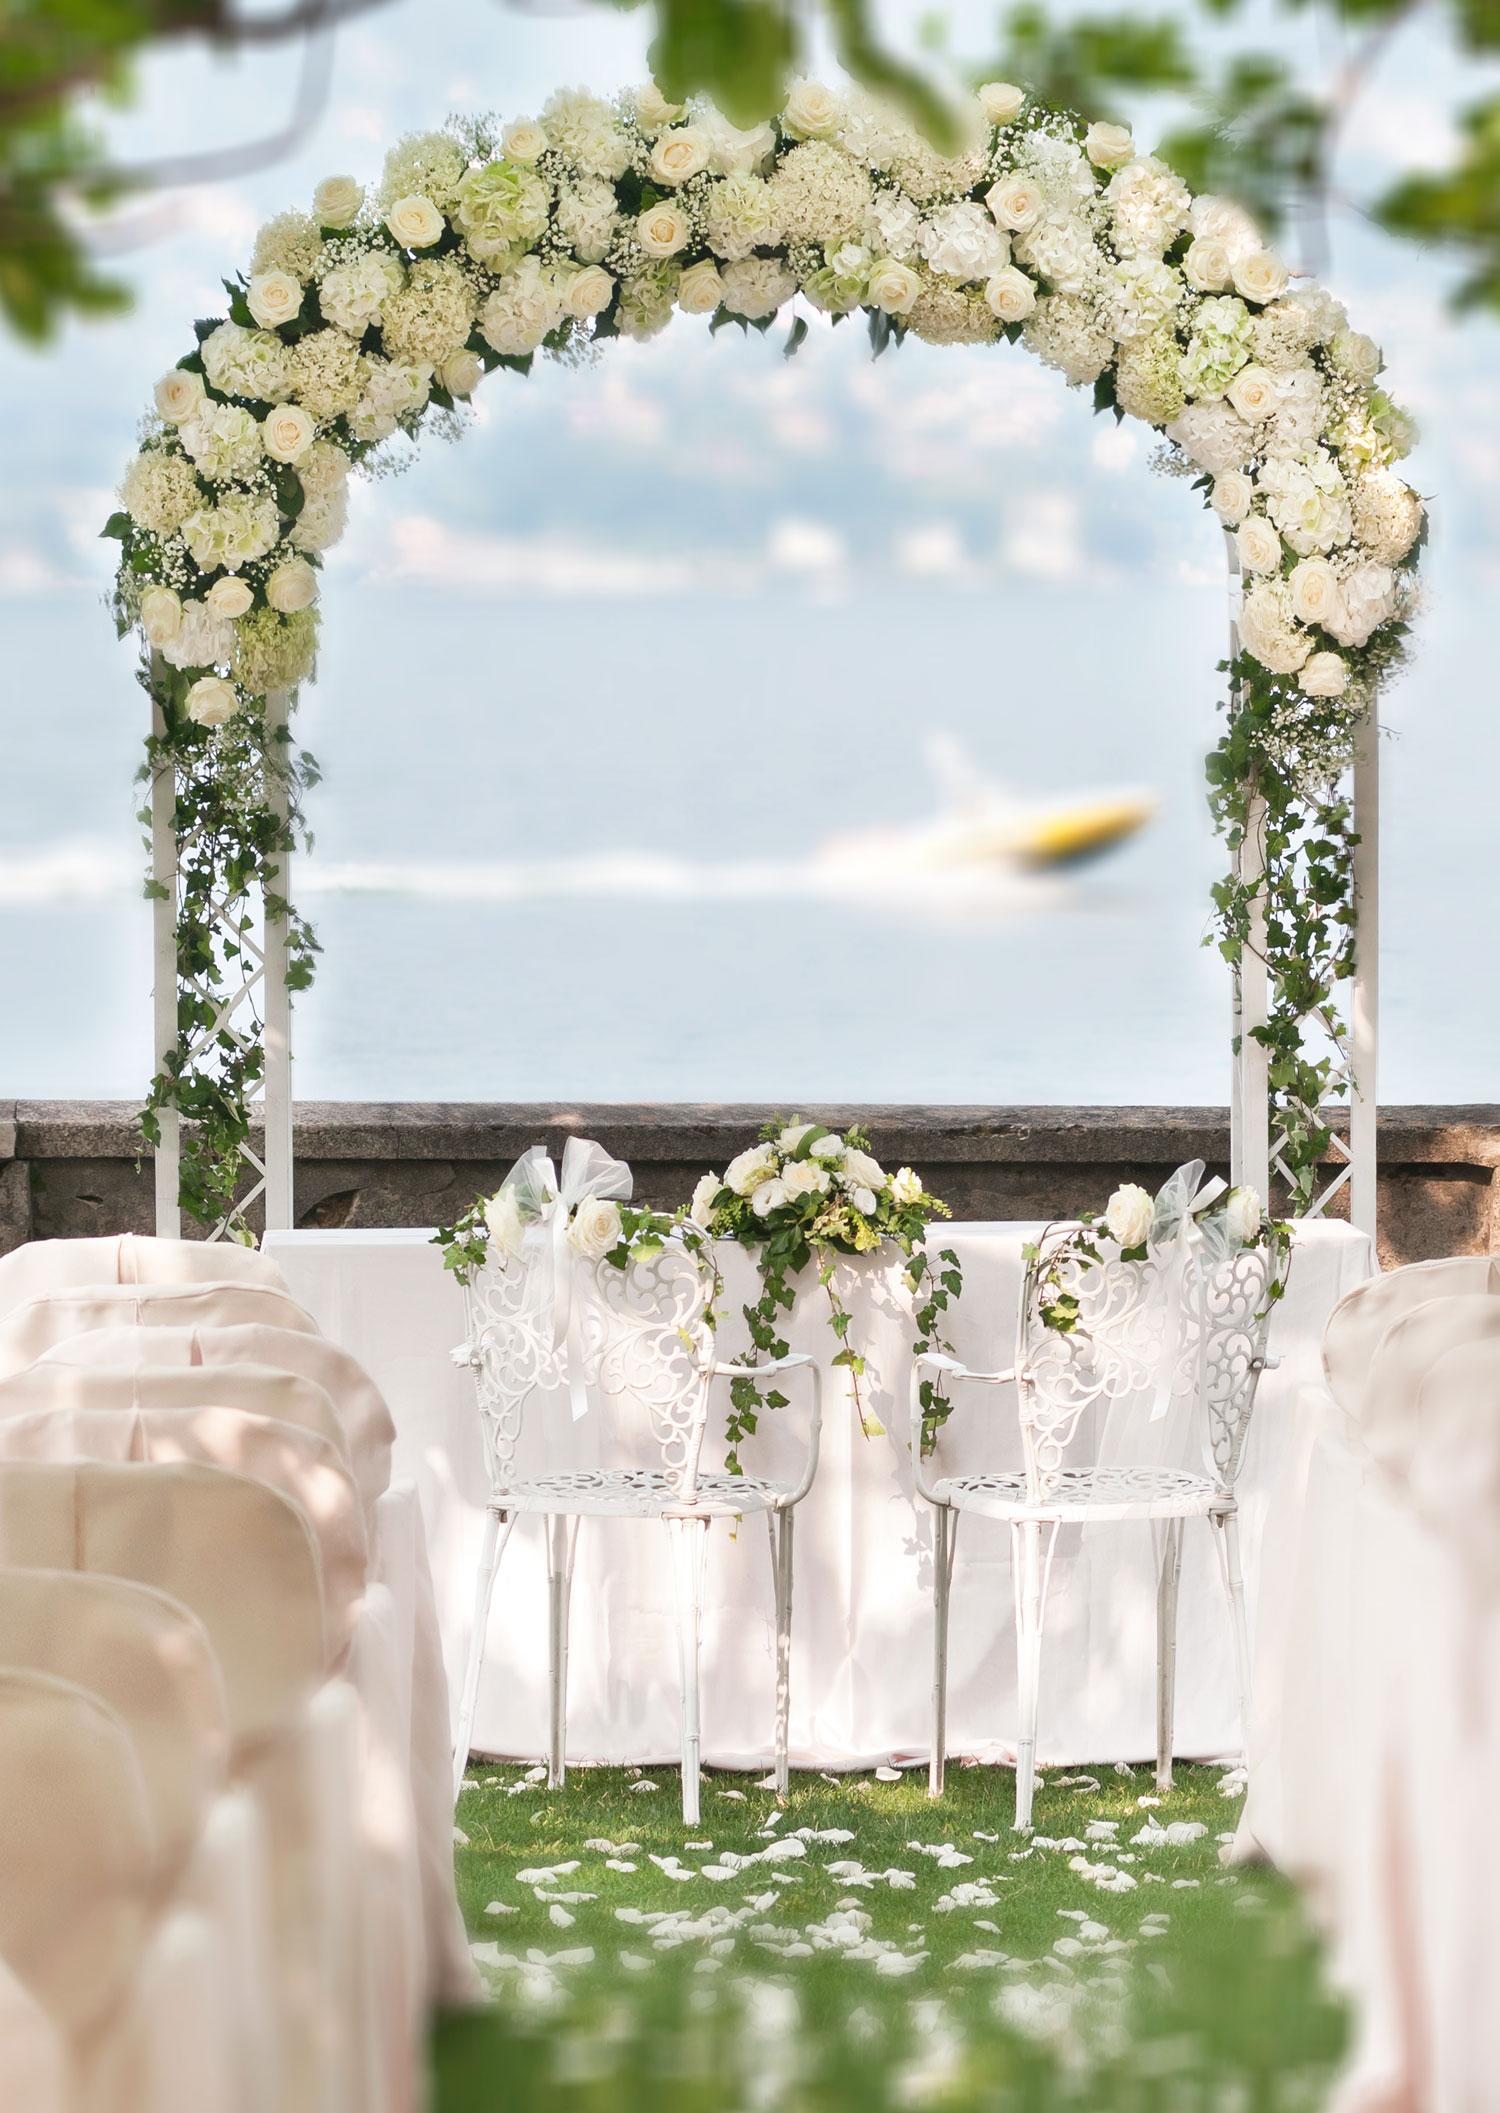 Addobbi Per Matrimonio In Giardino : Decorazioni floreali per matrimonio civile giuseppina